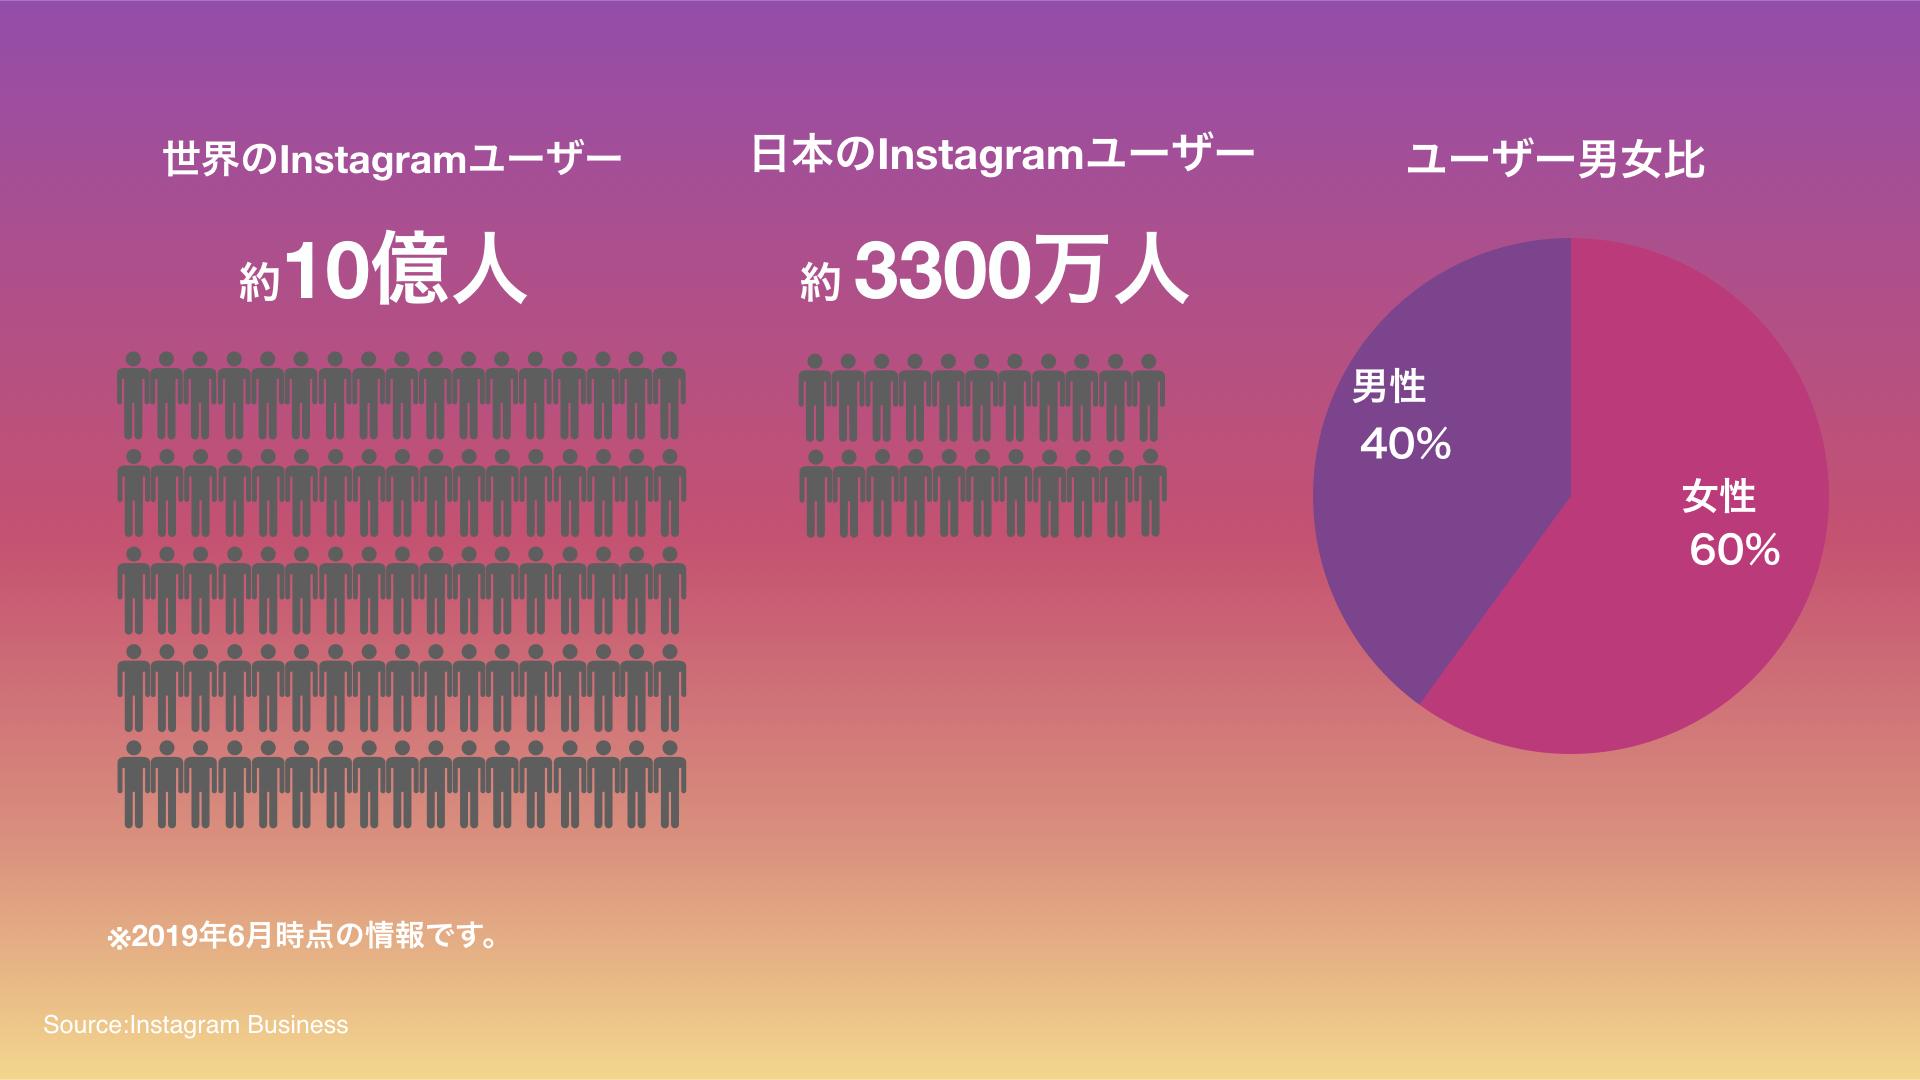 instagram_1_資料_最終.008.jpeg